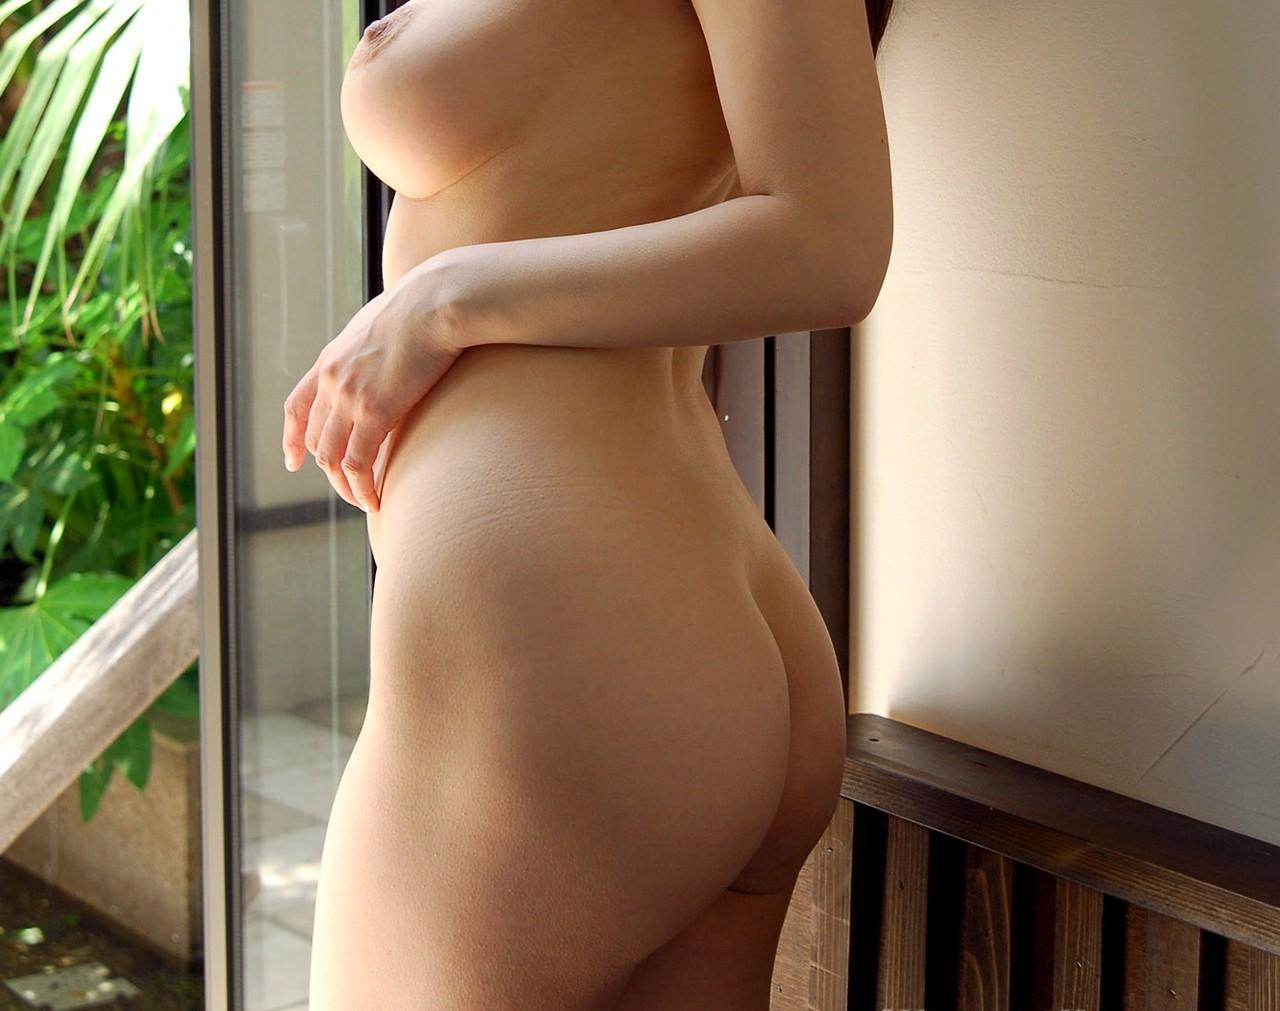 【裸体エロ画像】100%信用するしかないw嘘など皆無と一目瞭然な美しい全裸www 19